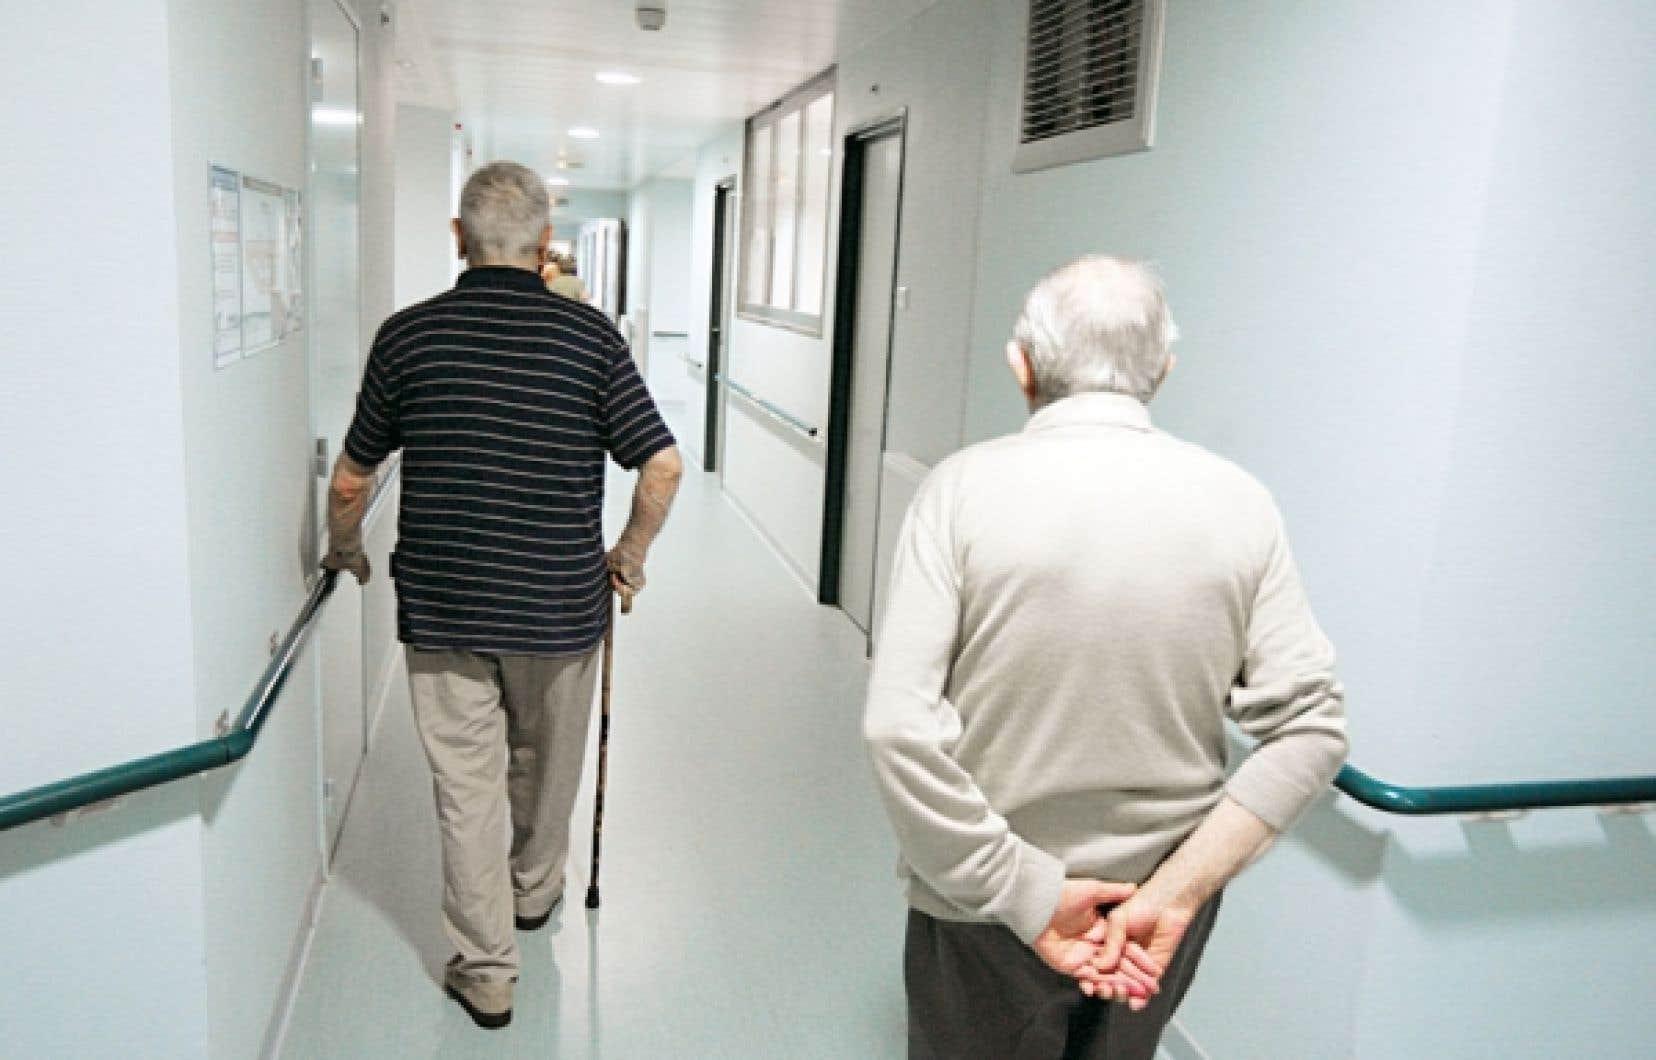 Le monde des résidences pour personnes âgées n'est pas uniforme. Il y a toute sorte de résidences pour personnes âgées. On trouve d'abord des résidences pour aînés autonomes. À l'autre bout du spectre, on trouve des résidences pour des aînés en perte d'autonomie offrant toute une gamme de soins et de services.